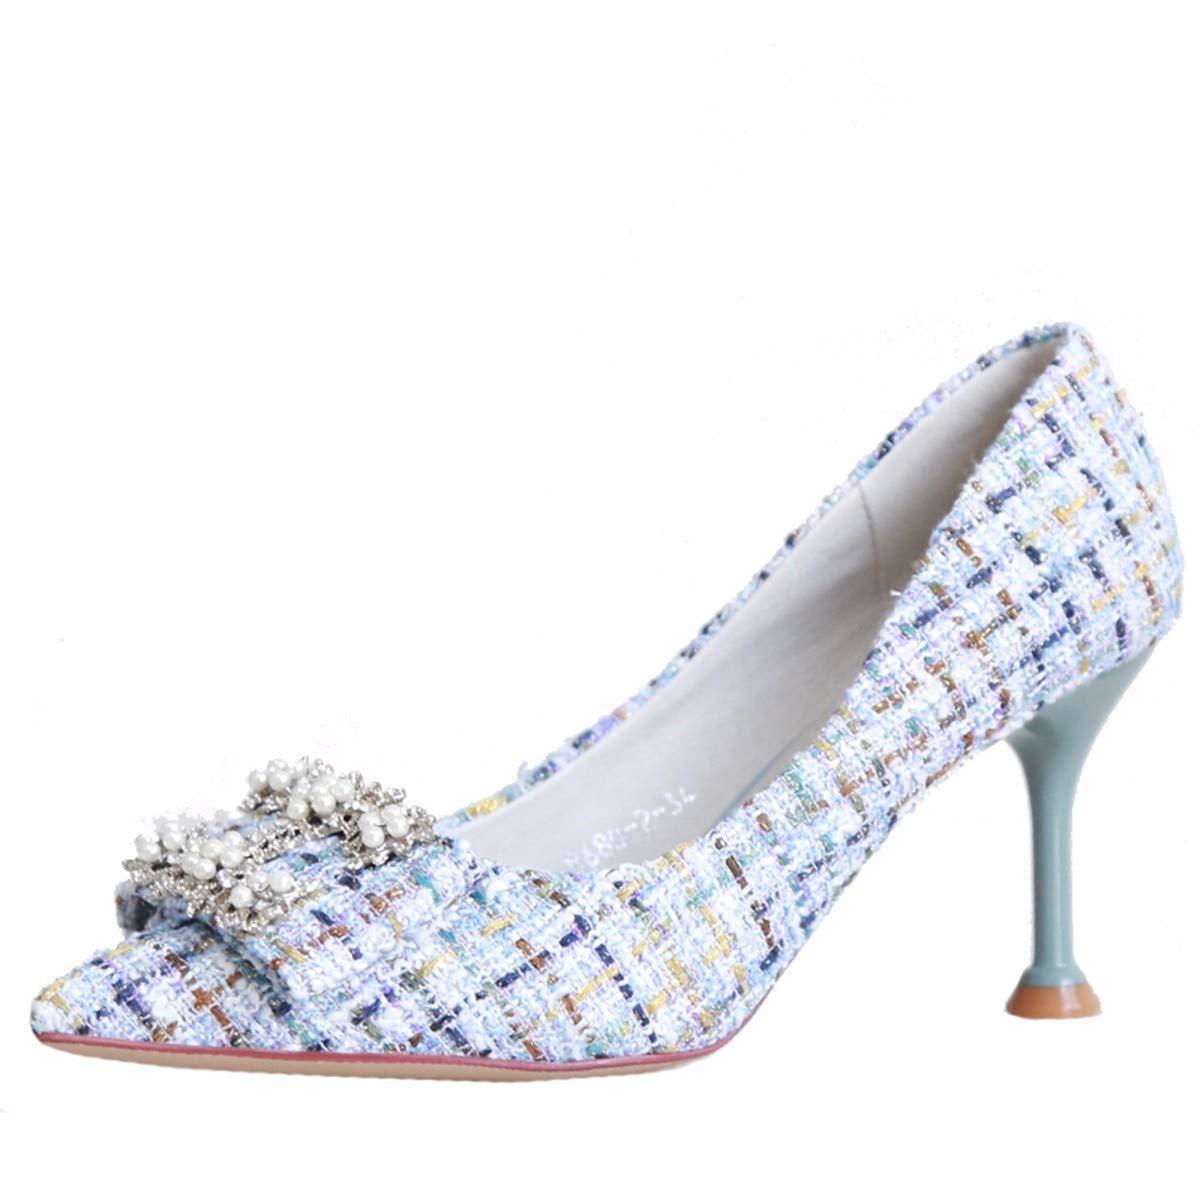 KPHY Damenschuhe/Herbst Bogen Bohrer Spitz Kleine Frische Damenschuhe 7Cm Dünne Sohle 7Cm Damenschuhe Hohen Ferse Schuhe Flachen Mund Pearl Schuhe.36 Pink  - 0b39e6